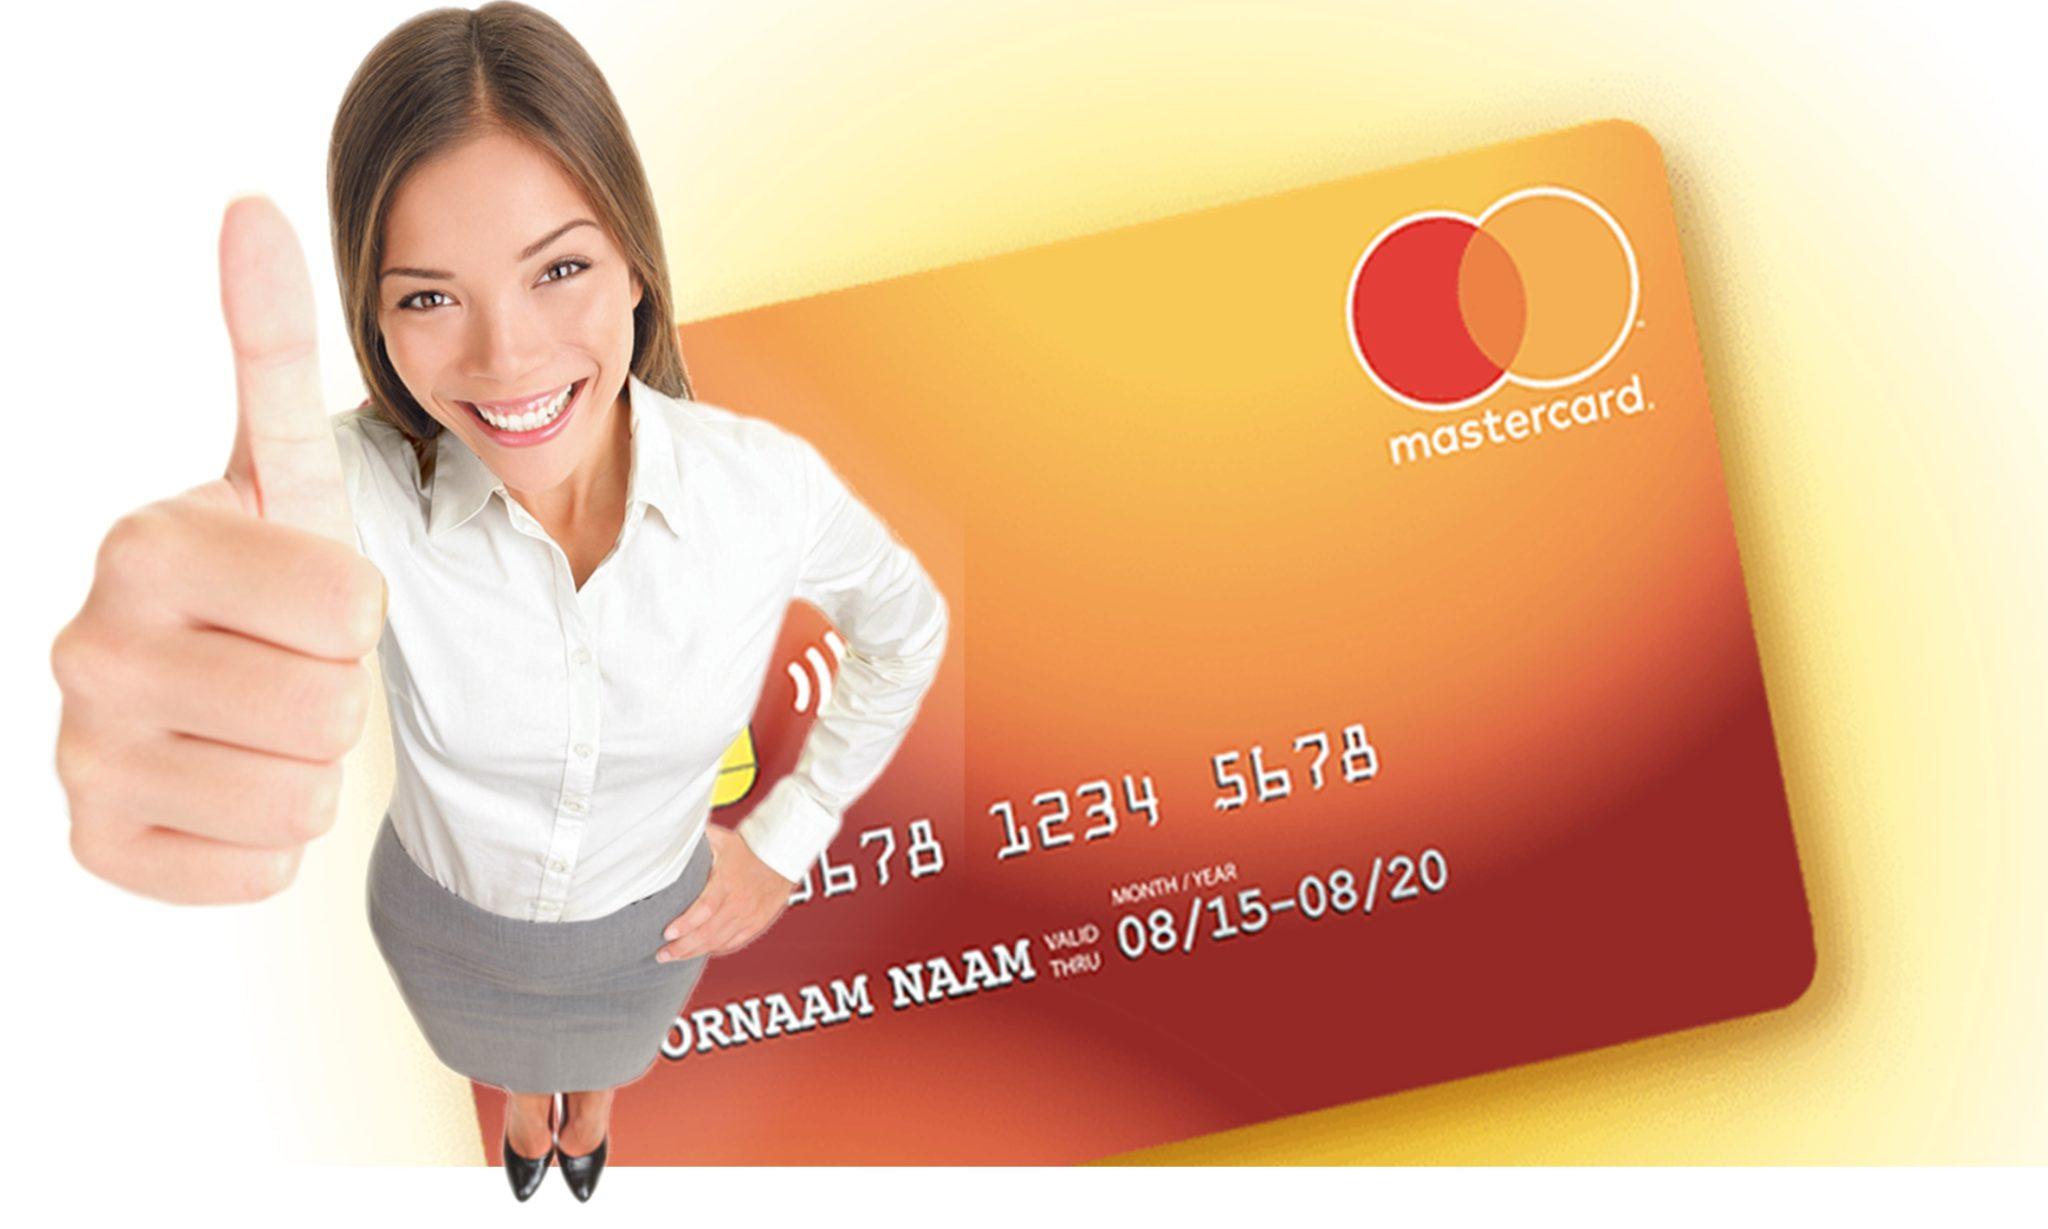 Demande Mastercard